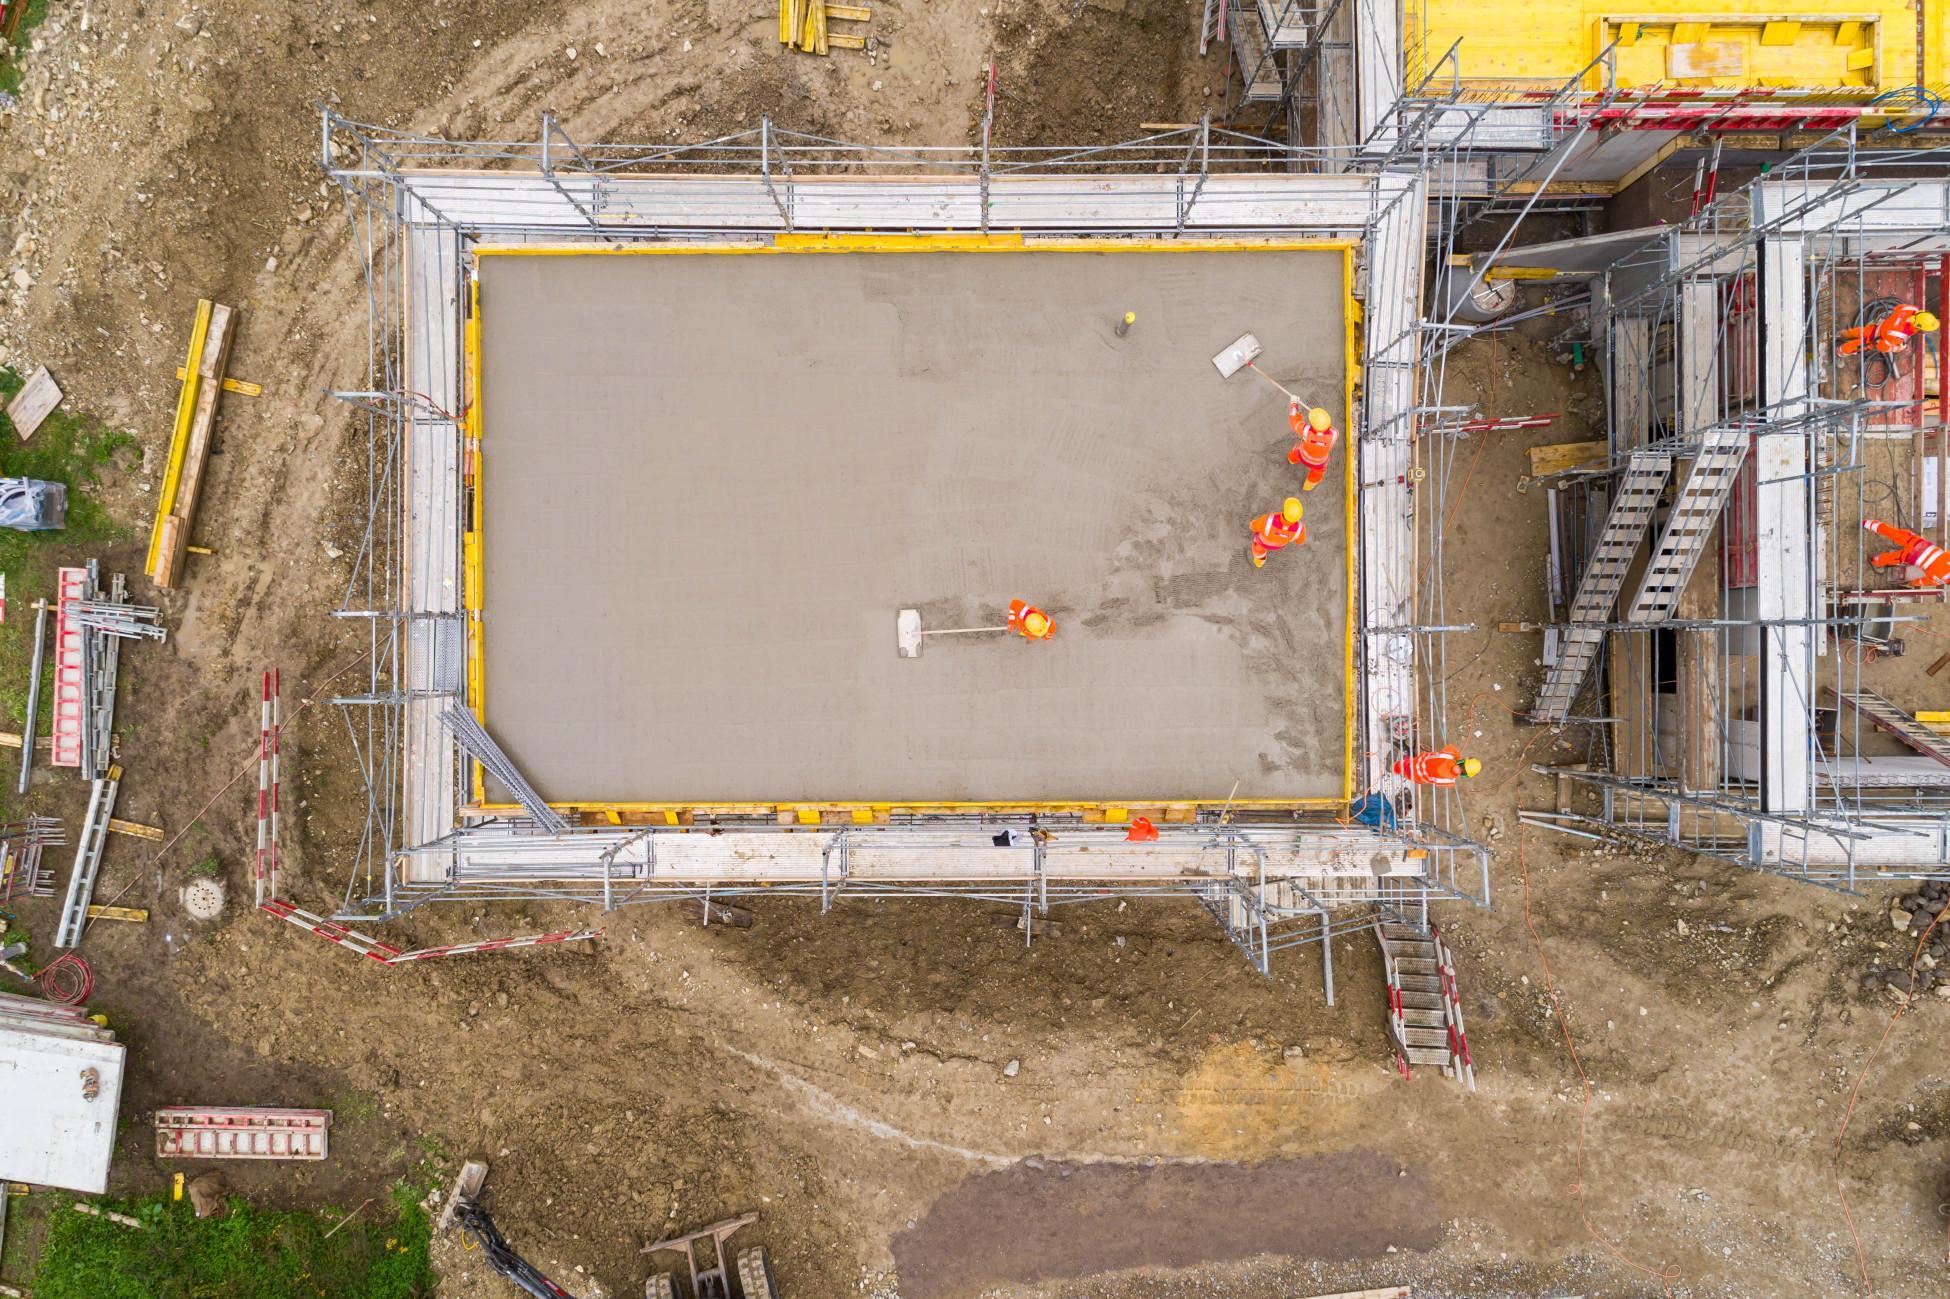 Laufenburg Lehrlingsbaustelle Decke betonieren Luftbild